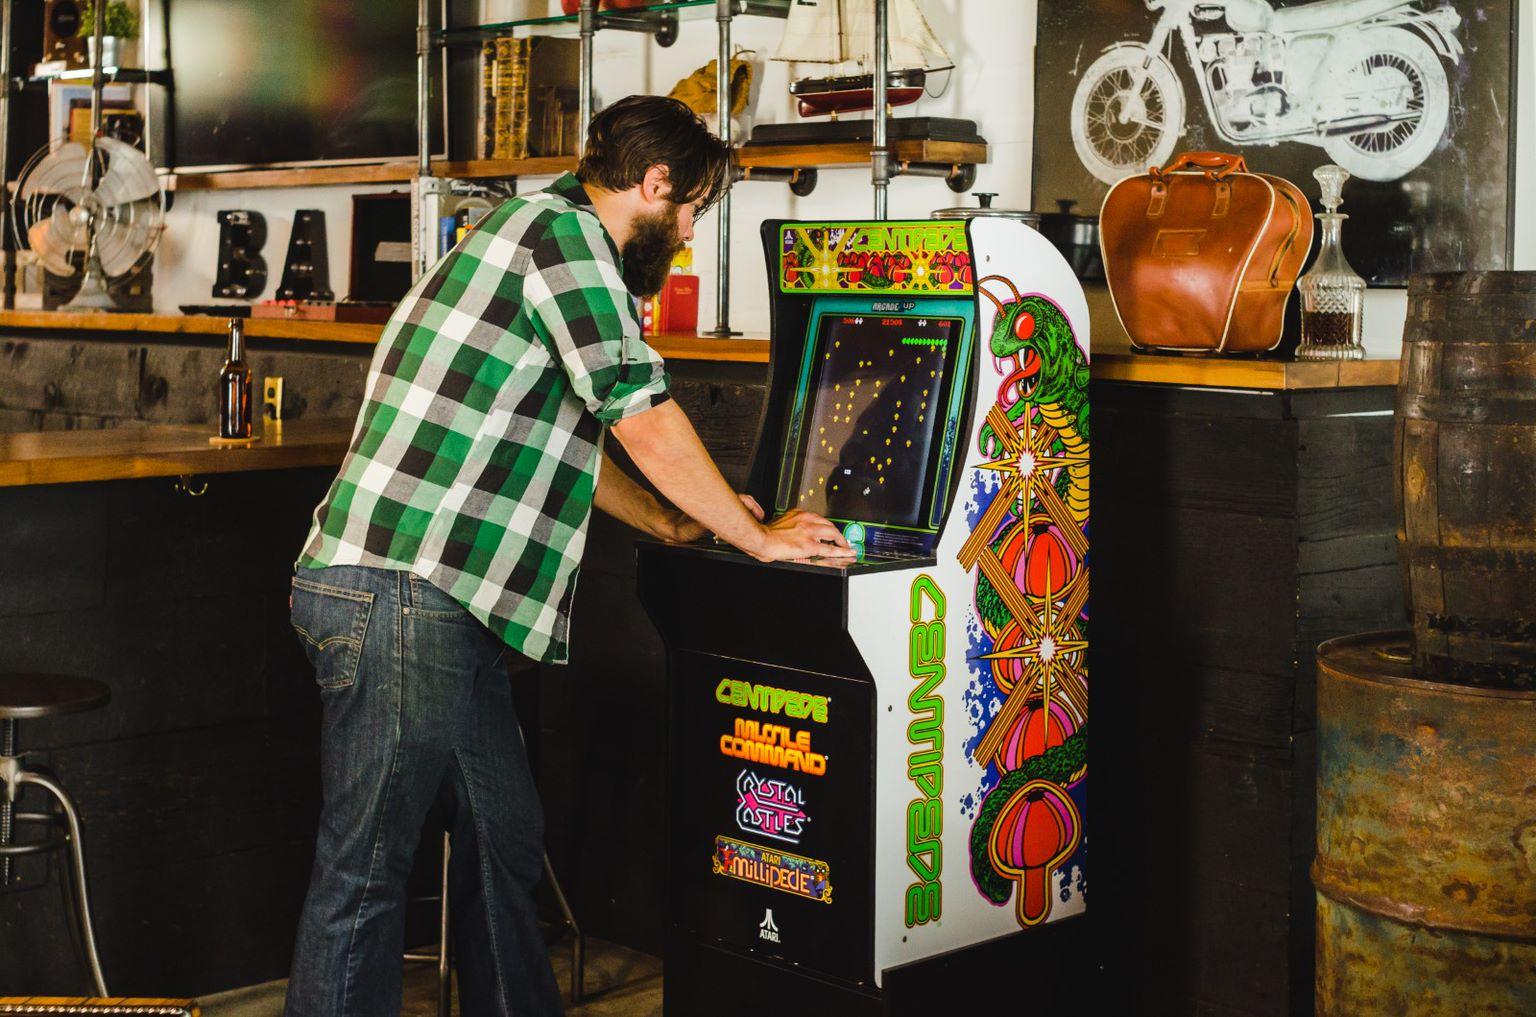 Centipede Arcade Machine Arcade1up 4ft Walmart Com Walmart Com